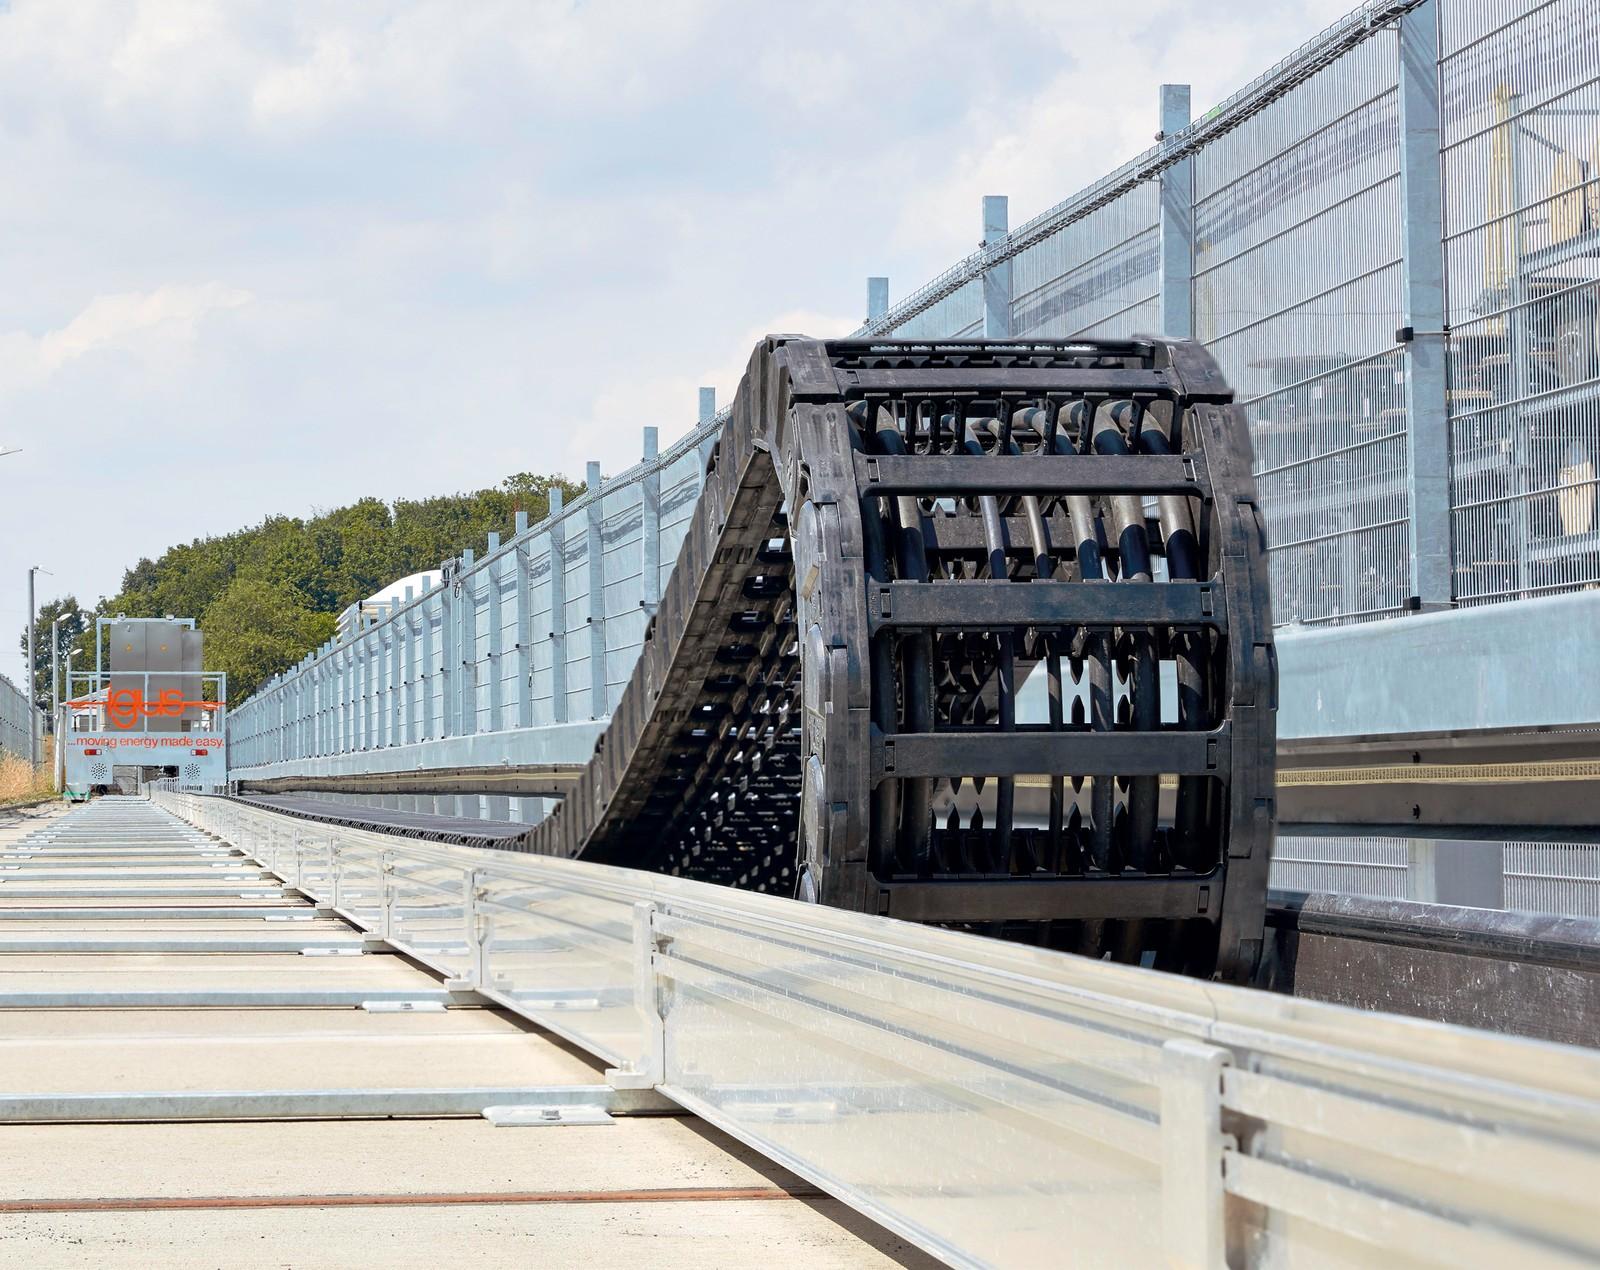 Auf der 200 Meter langen igus Außentestanlage in Köln werden e-ketten und Leitungen für lange Verfahrwege unter realen Bedingungen getestet.